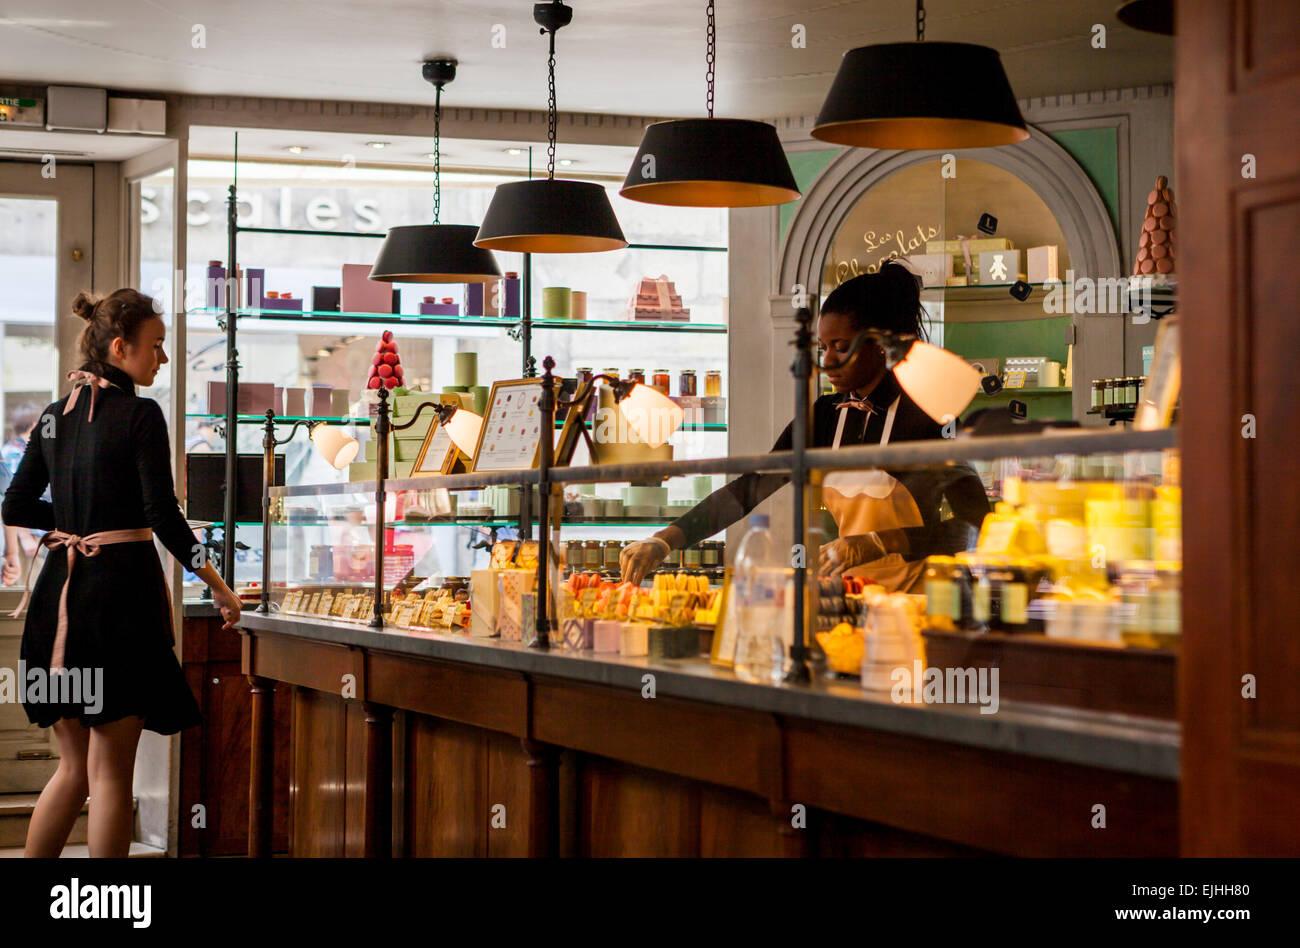 Interior of Laduree shop Rue Bonaparte, Paris, France - Stock Image